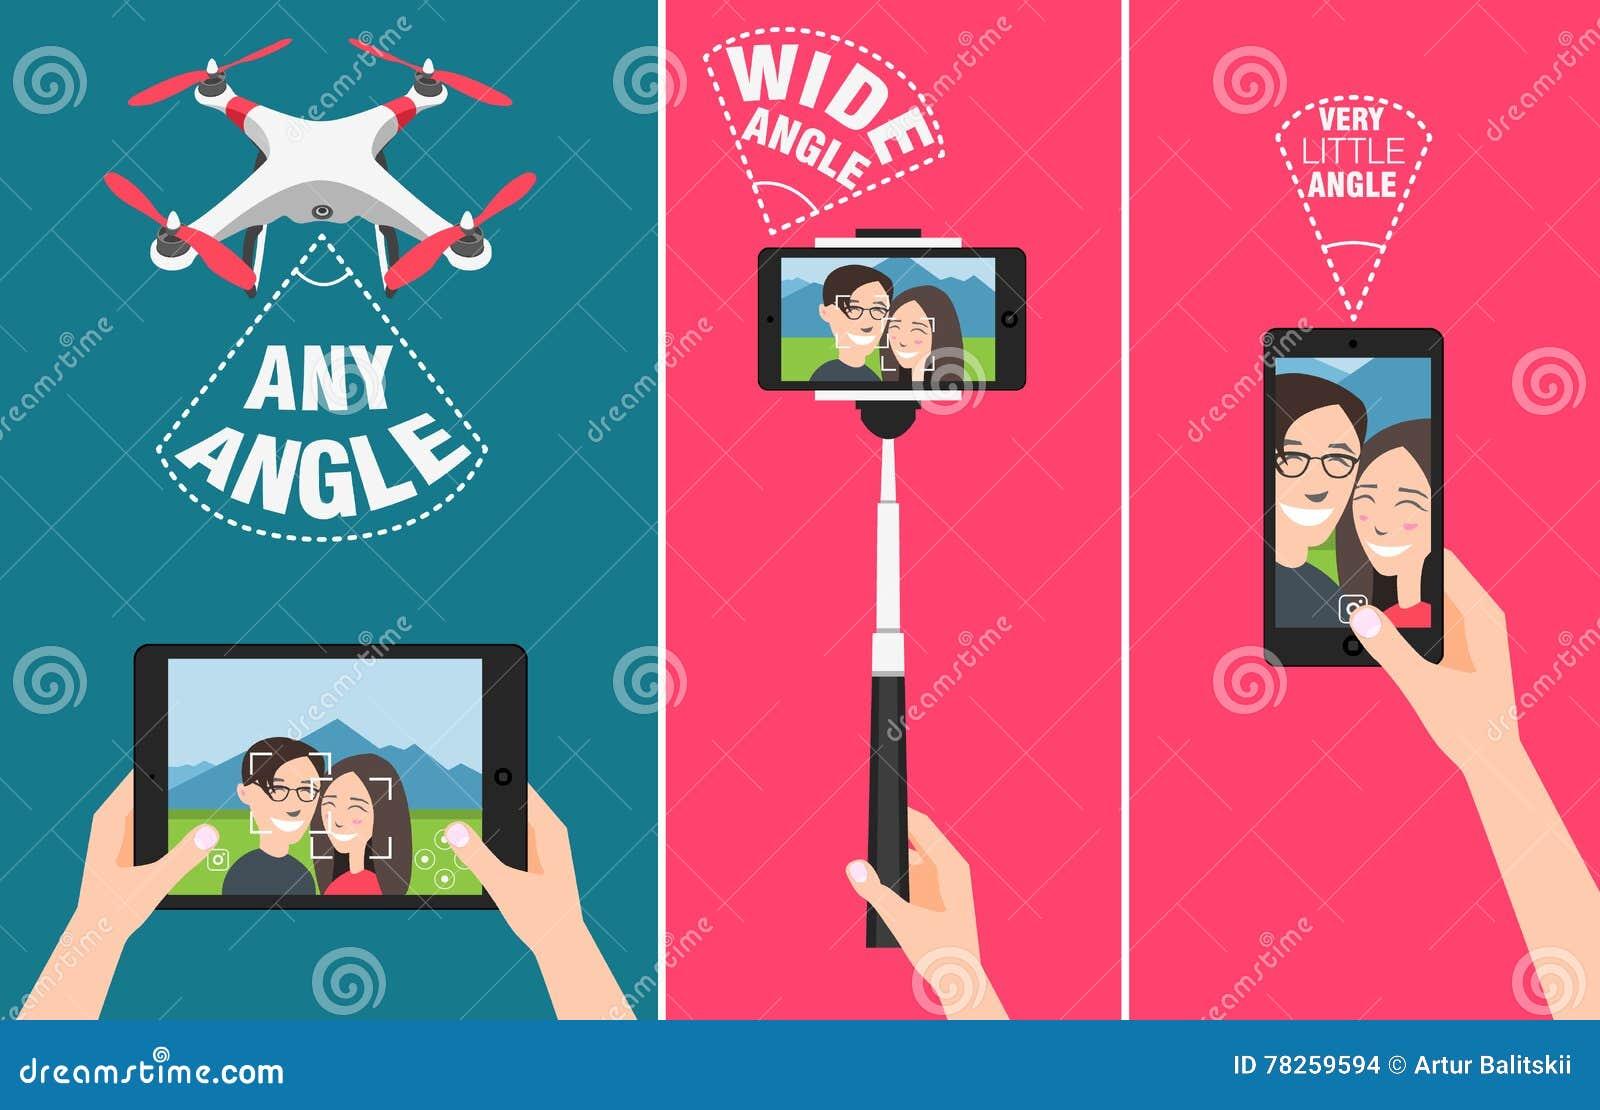 Ζεύγος που κάνει selfie με τον κηφήνα, το ραβδί και τη χρησιμοποίηση των χεριών που παρουσιάζουν διαφορετικές δυνατότητες γωνιών